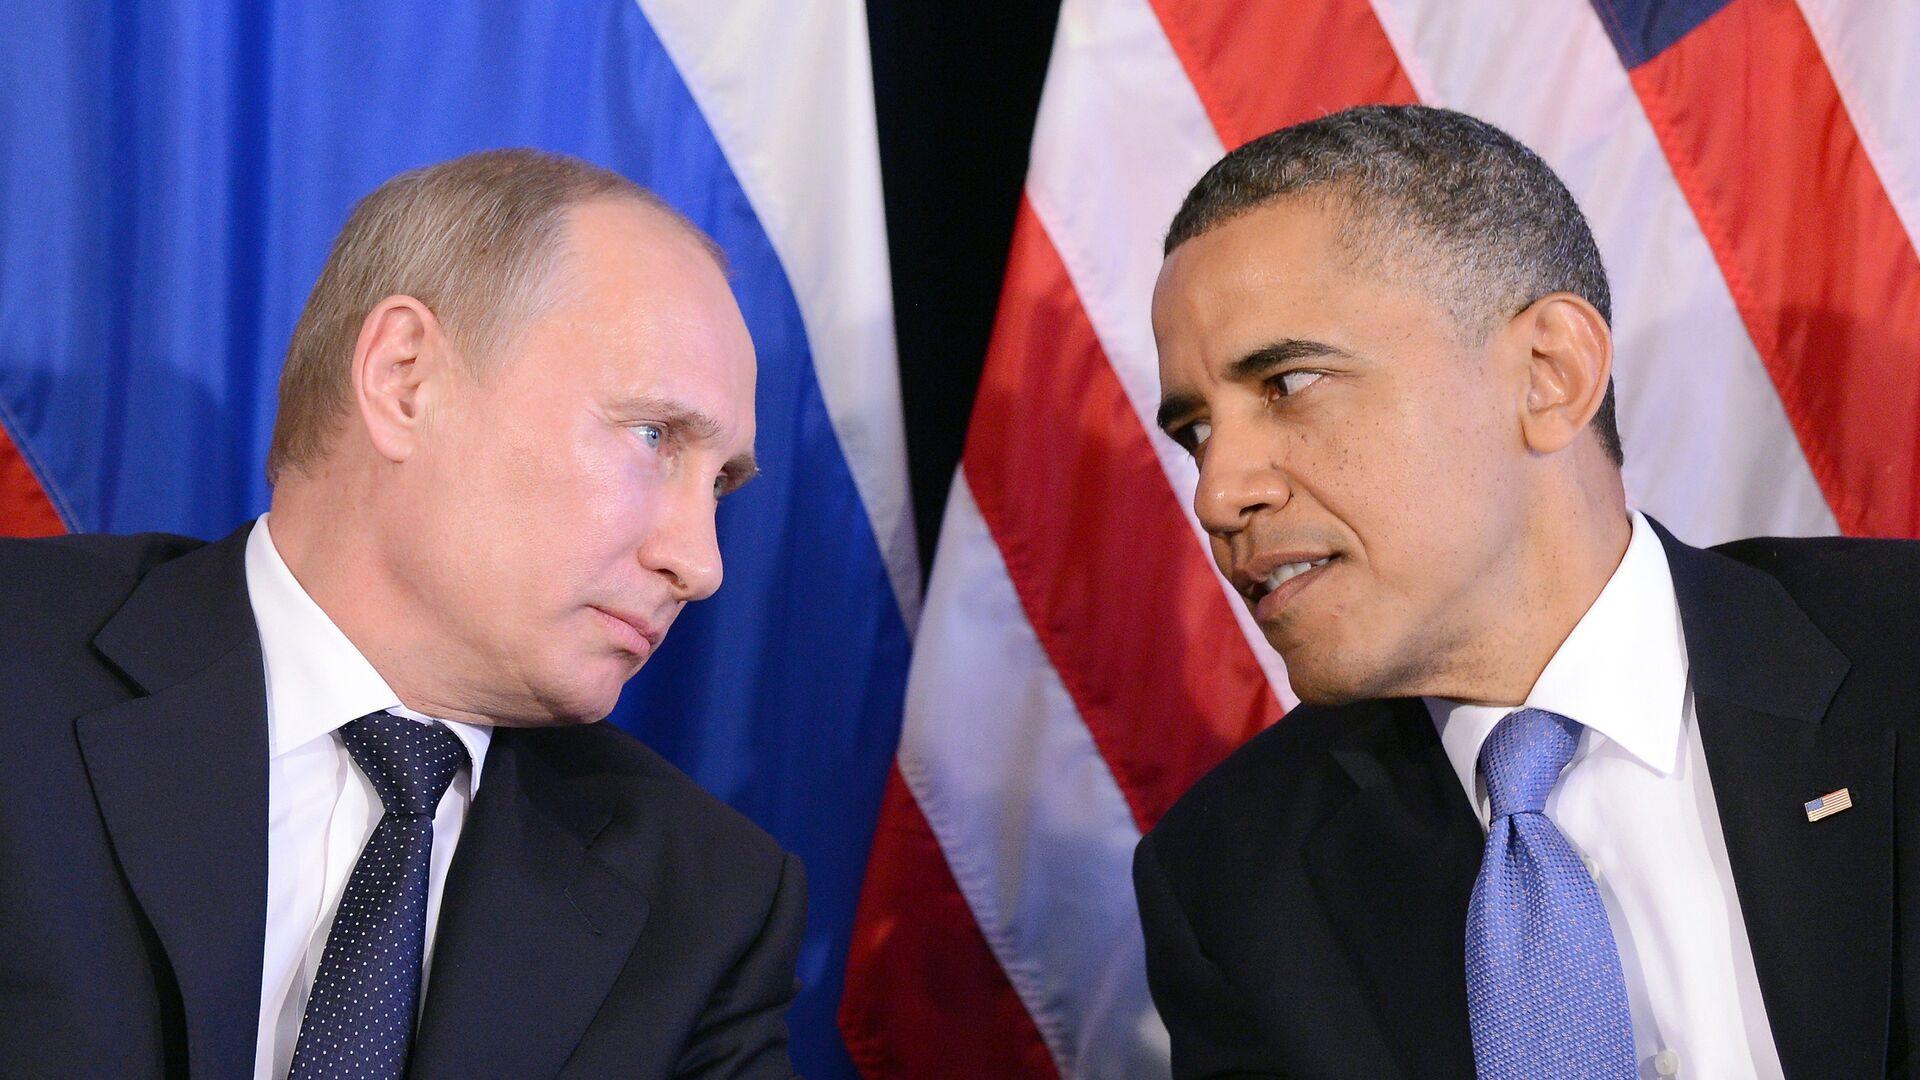 El presidente de Rusia, Vladímir Putin (izda.) y el expresidente de EEUU Barack Obama durante la cumbre del G20, el 18 de junio de 2012 - Sputnik Mundo, 1920, 15.06.2021